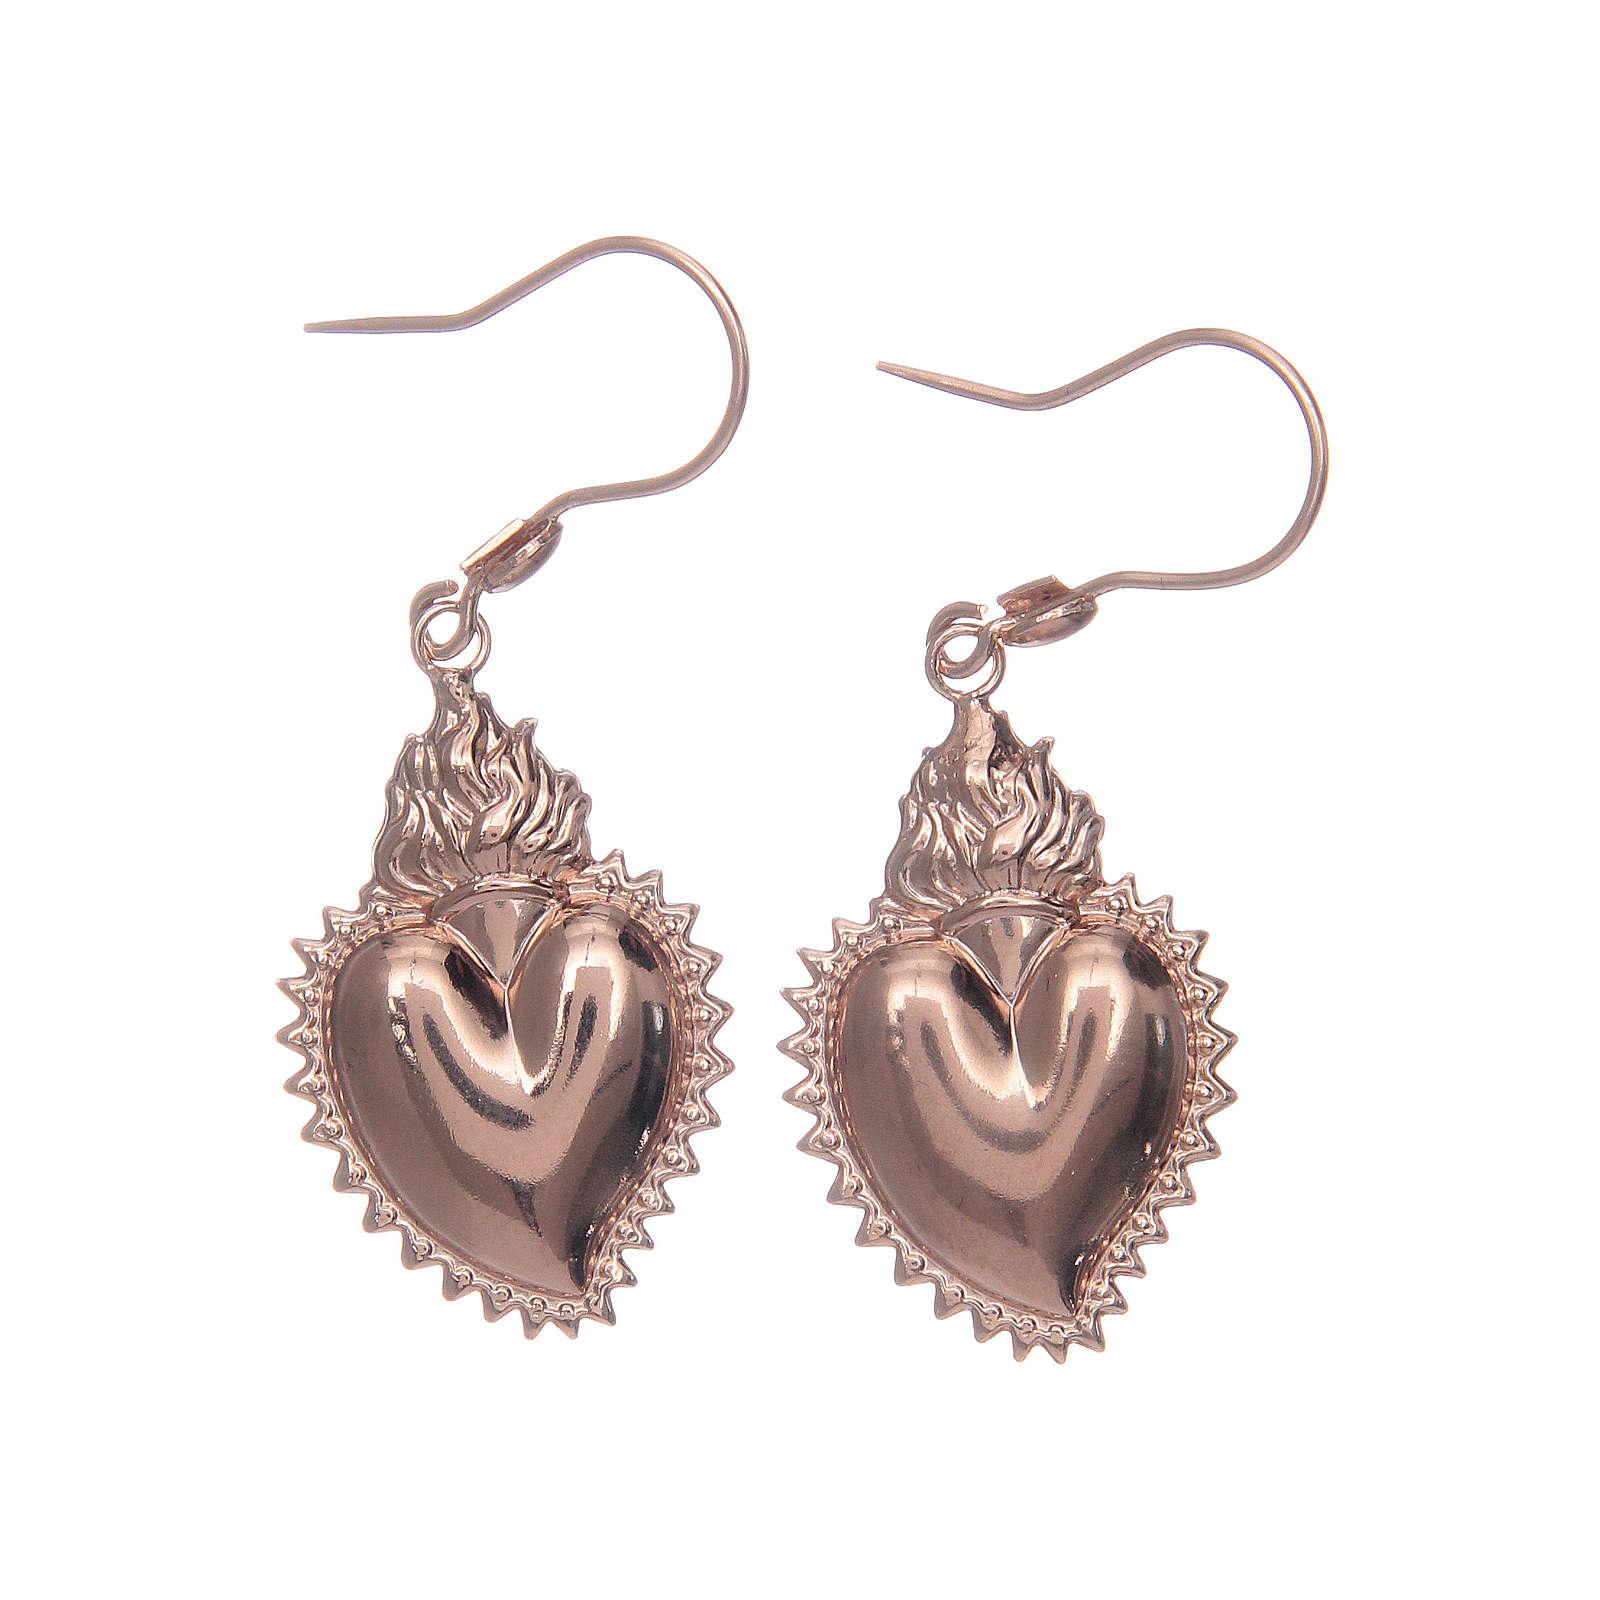 Pendientes de plata 925 rosada corazón votivo 4